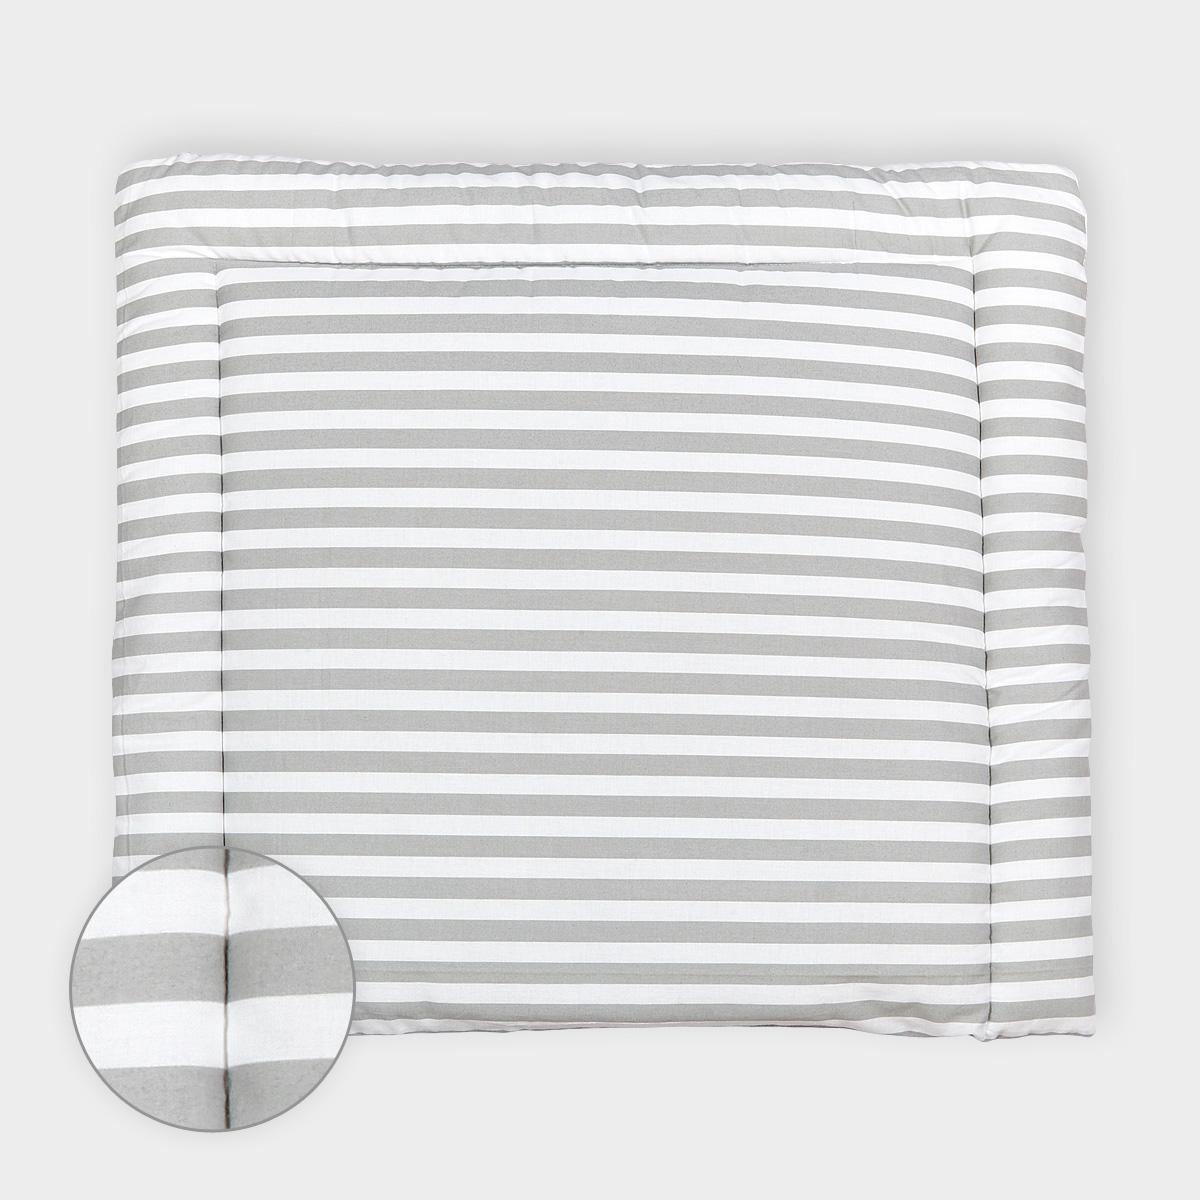 kraftkids wickelauflage dicke streifen grau breit 60 x tief 70 cm passend f r waschmaschinen. Black Bedroom Furniture Sets. Home Design Ideas